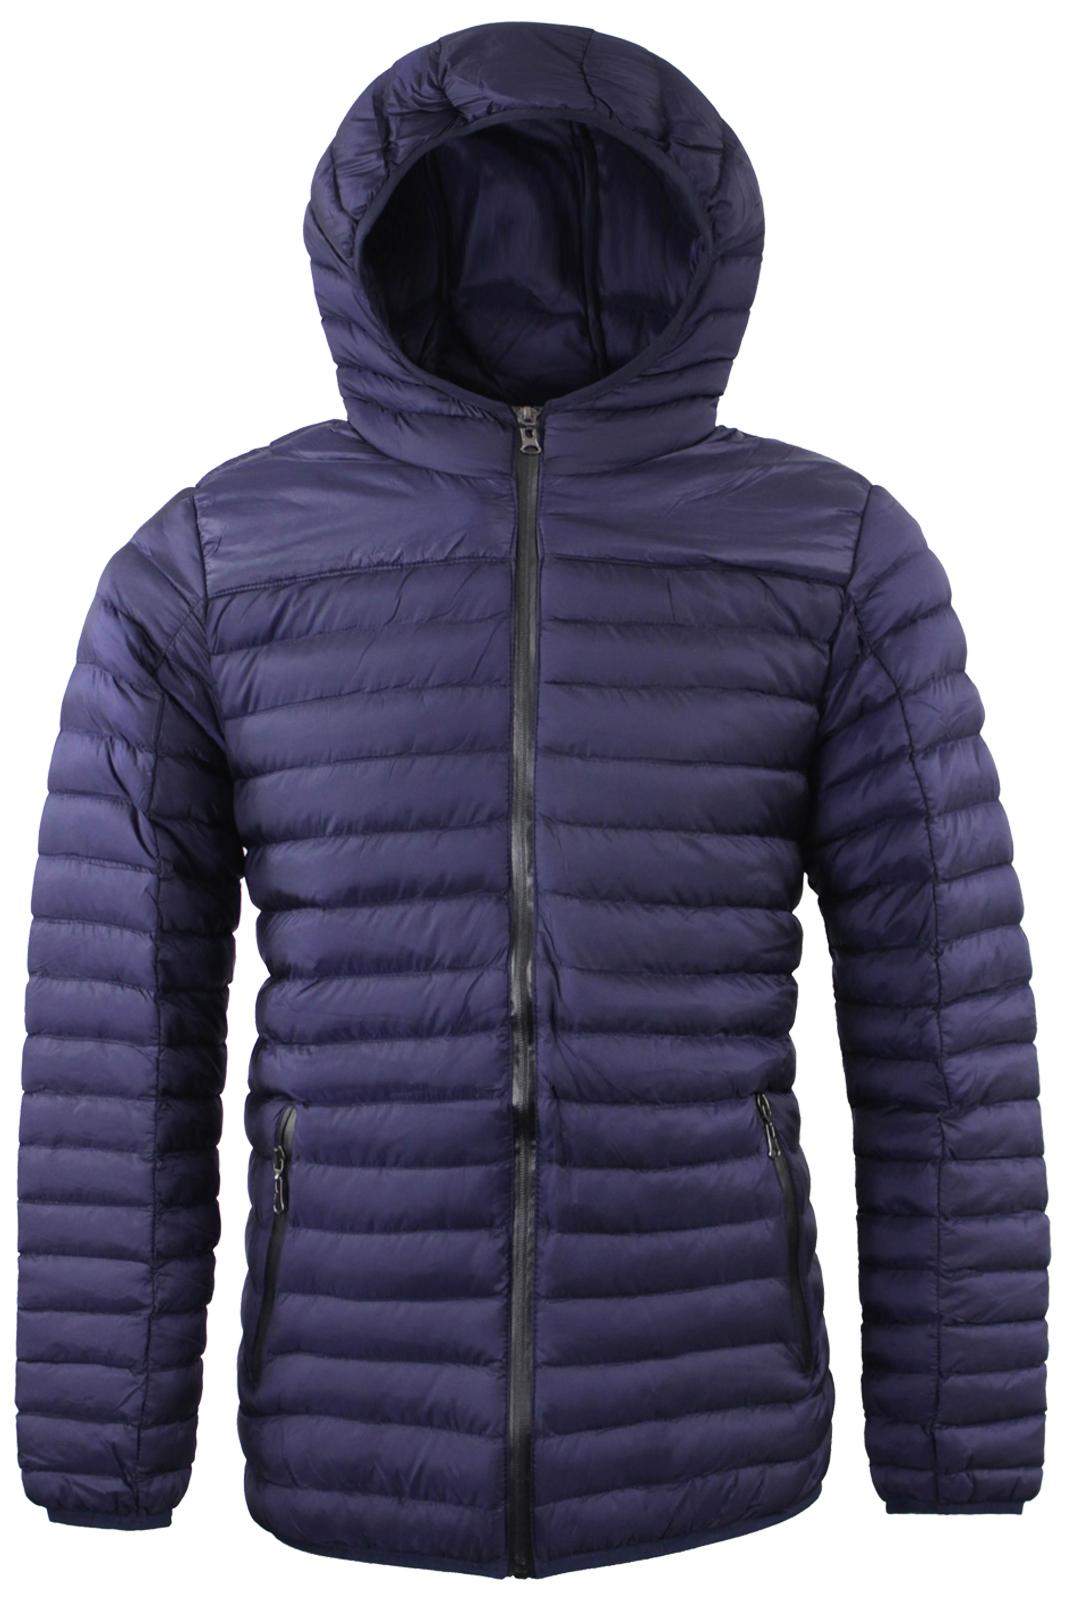 Mens Tokyo Lee Parka Parker Padded Lined Winter Jacket Faux Fur Hooded Coat